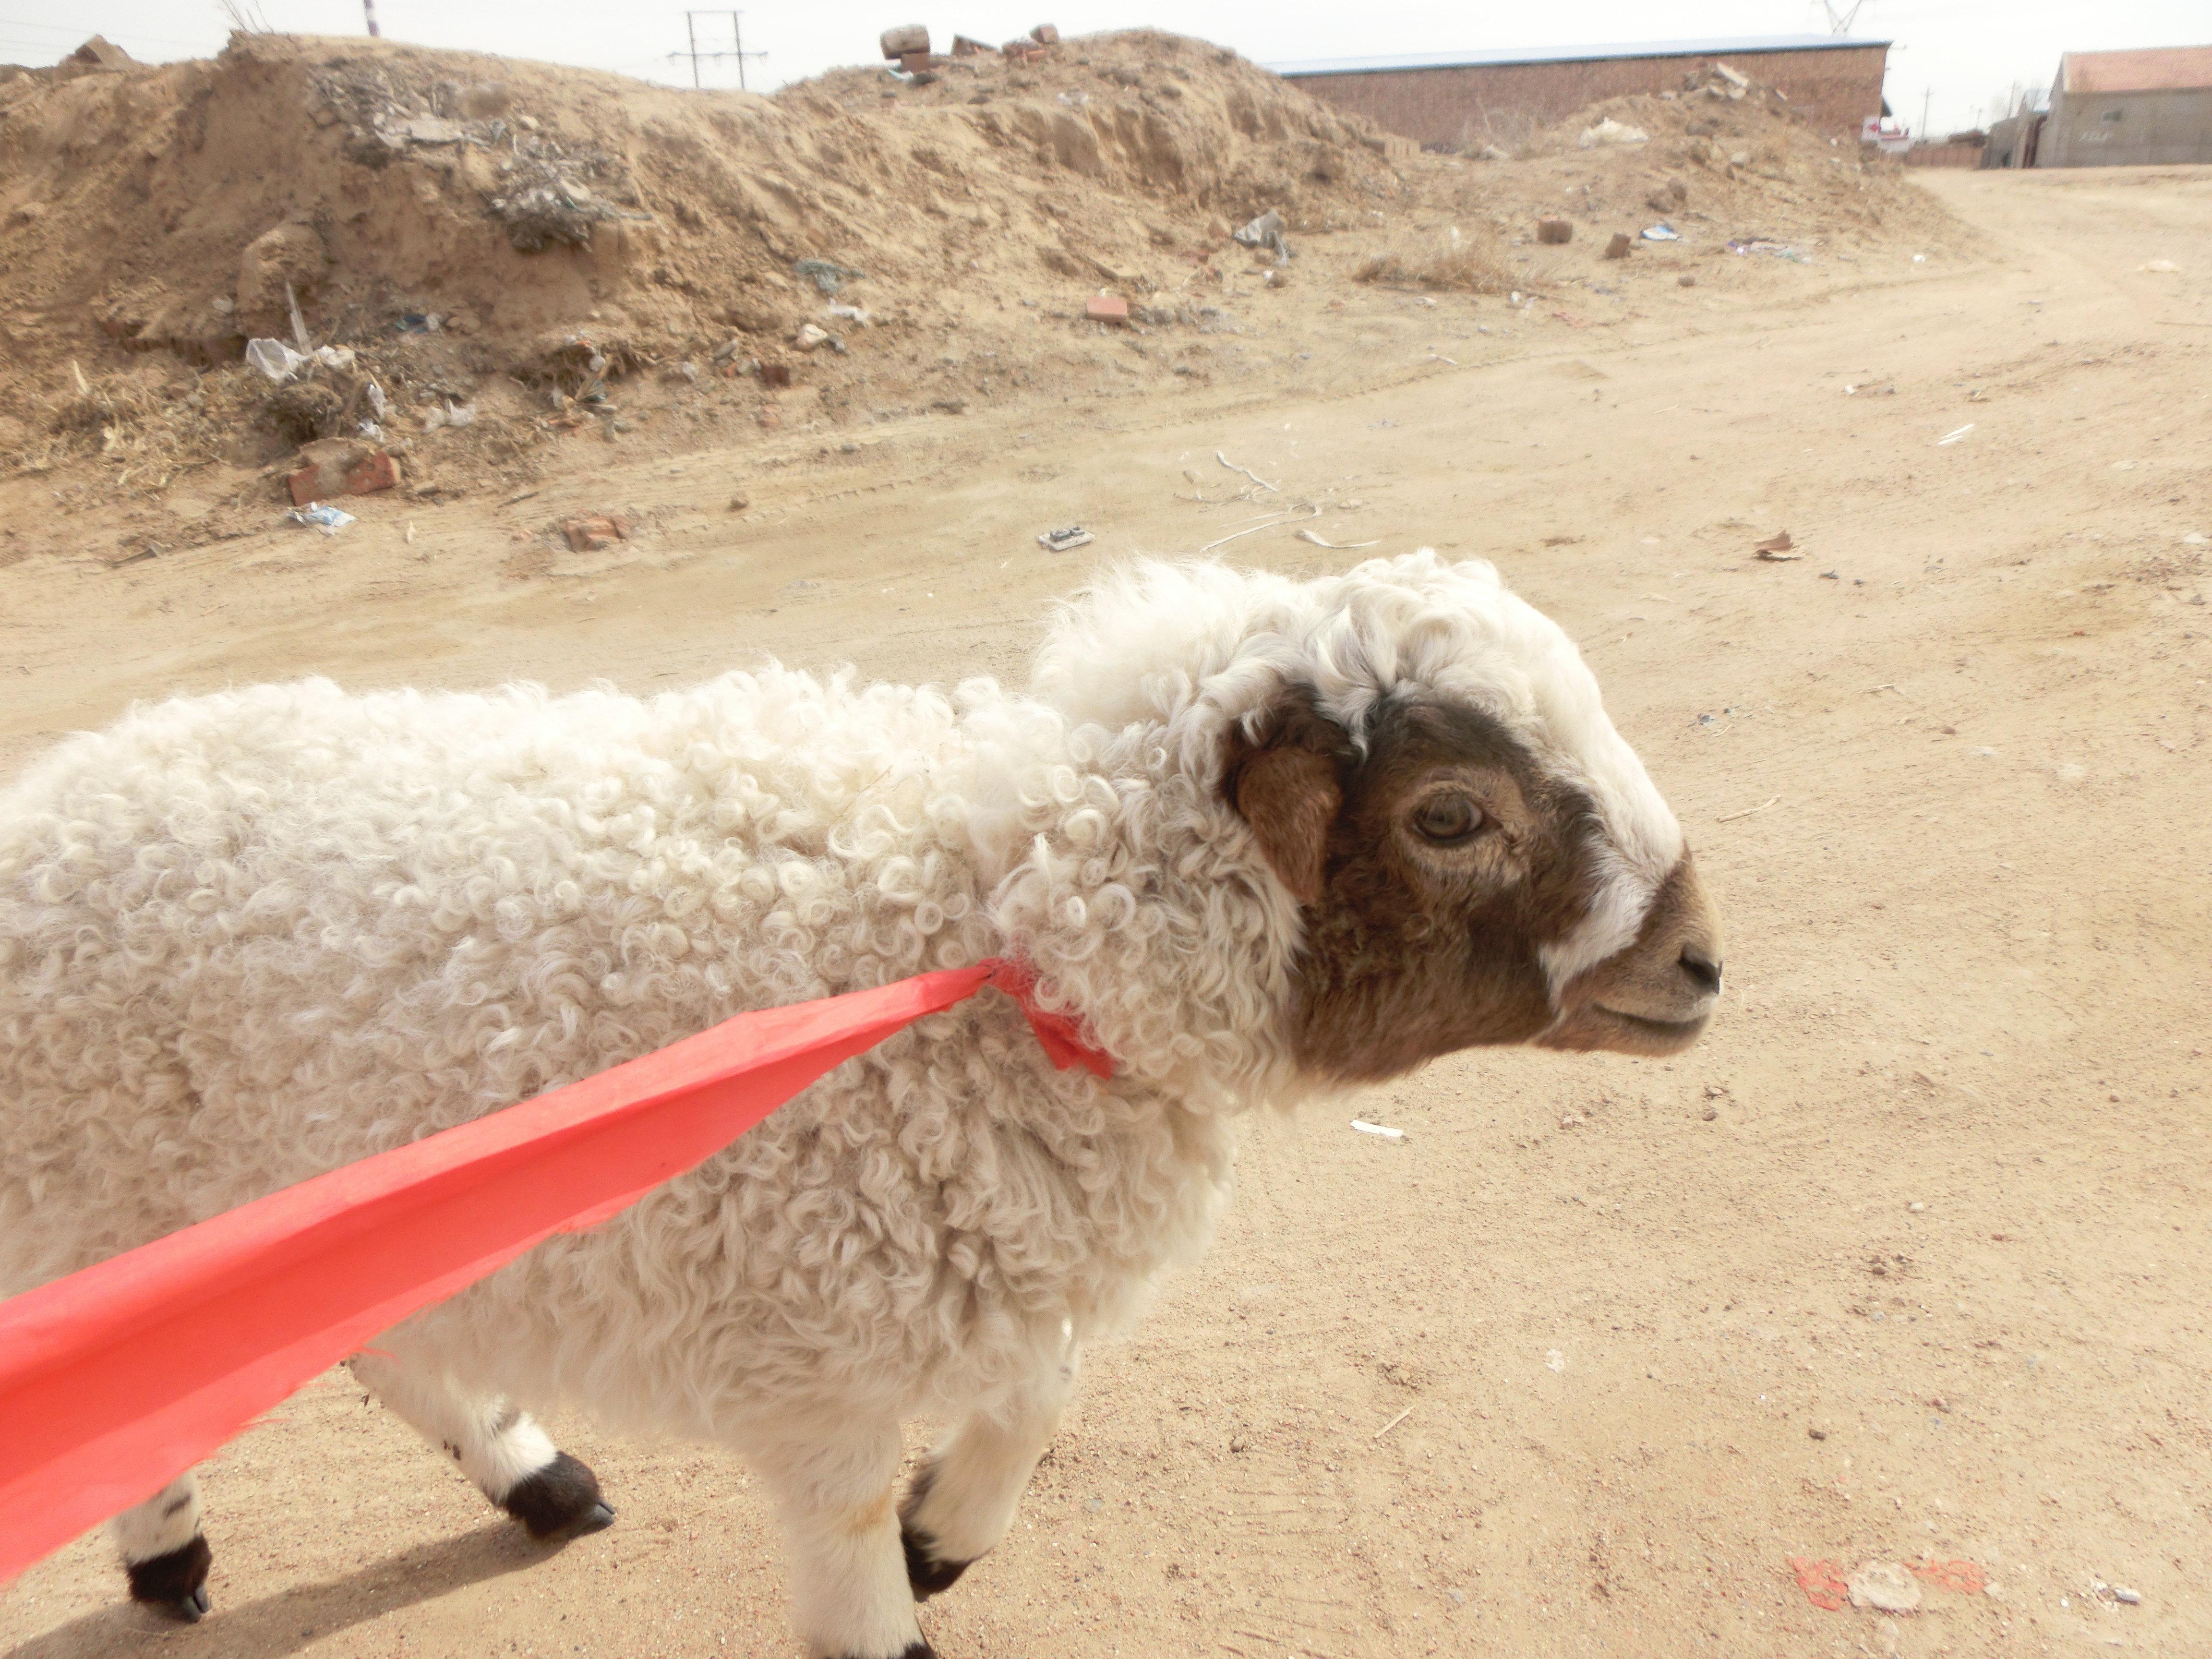 户主说受过训练的动物才能骑,贸然骑未受训的动物是很危险的.